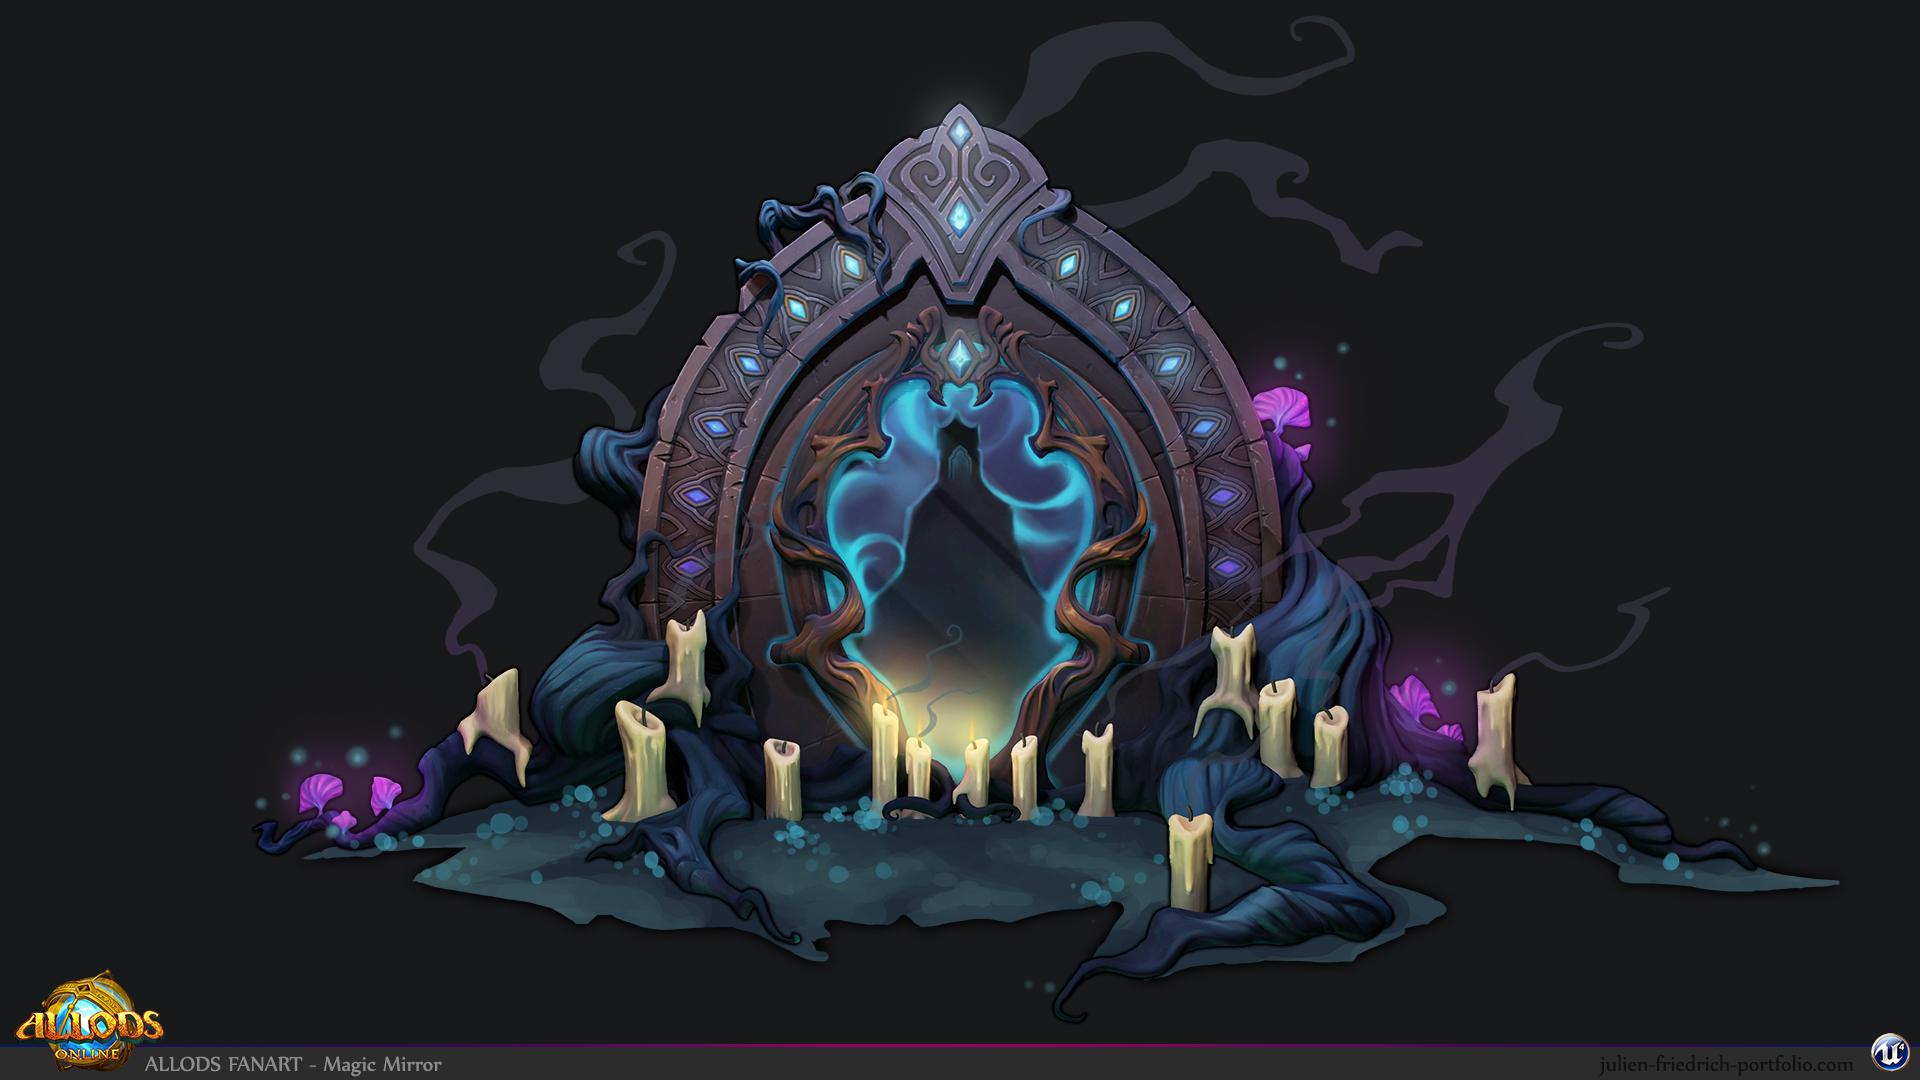 allods_magic_mirror_by_texelion-d88c9n2.jpg